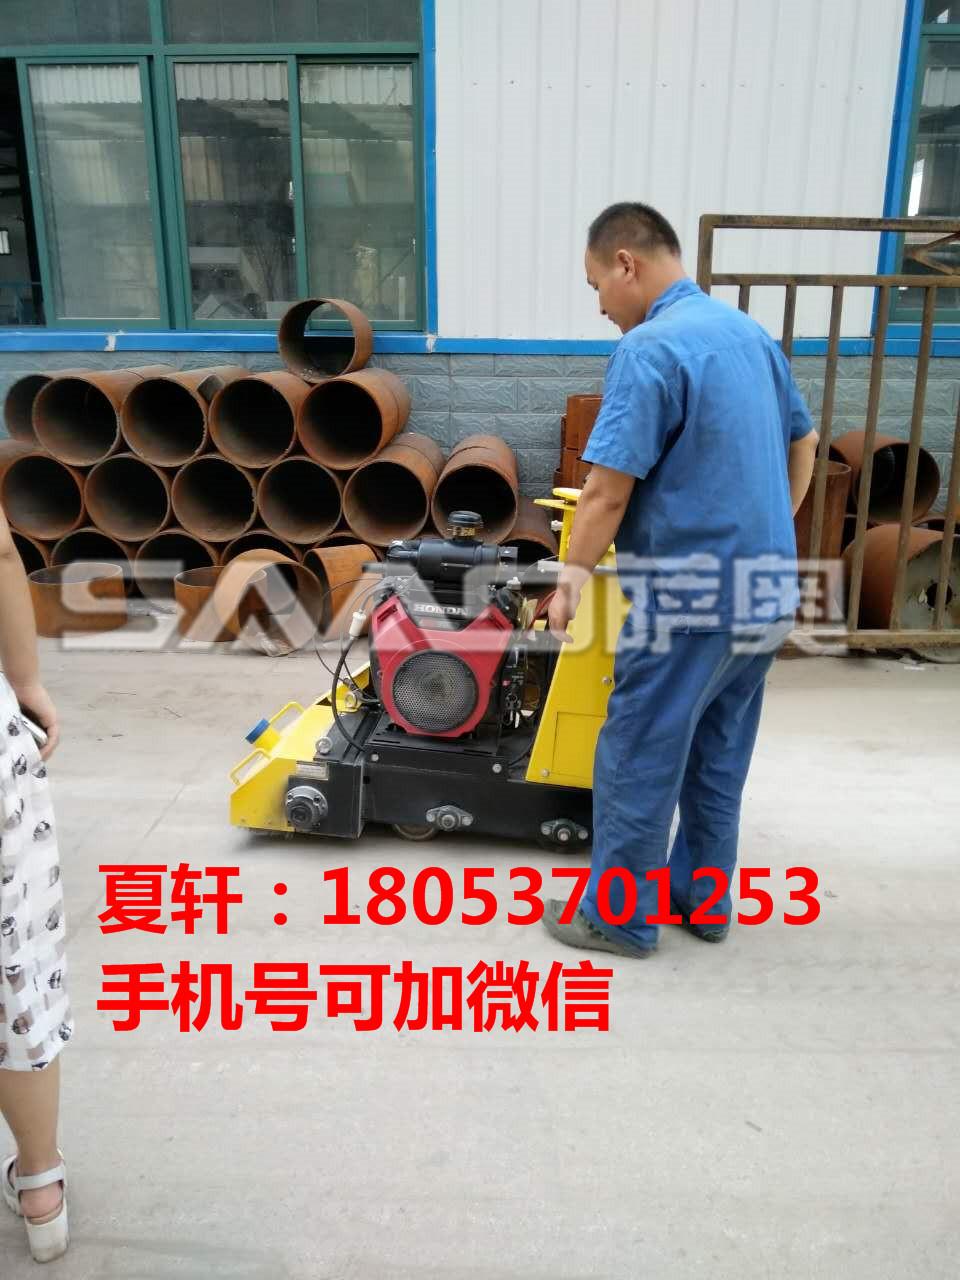 上海市供应全国飞机场专用c40混凝土地面铣刨机